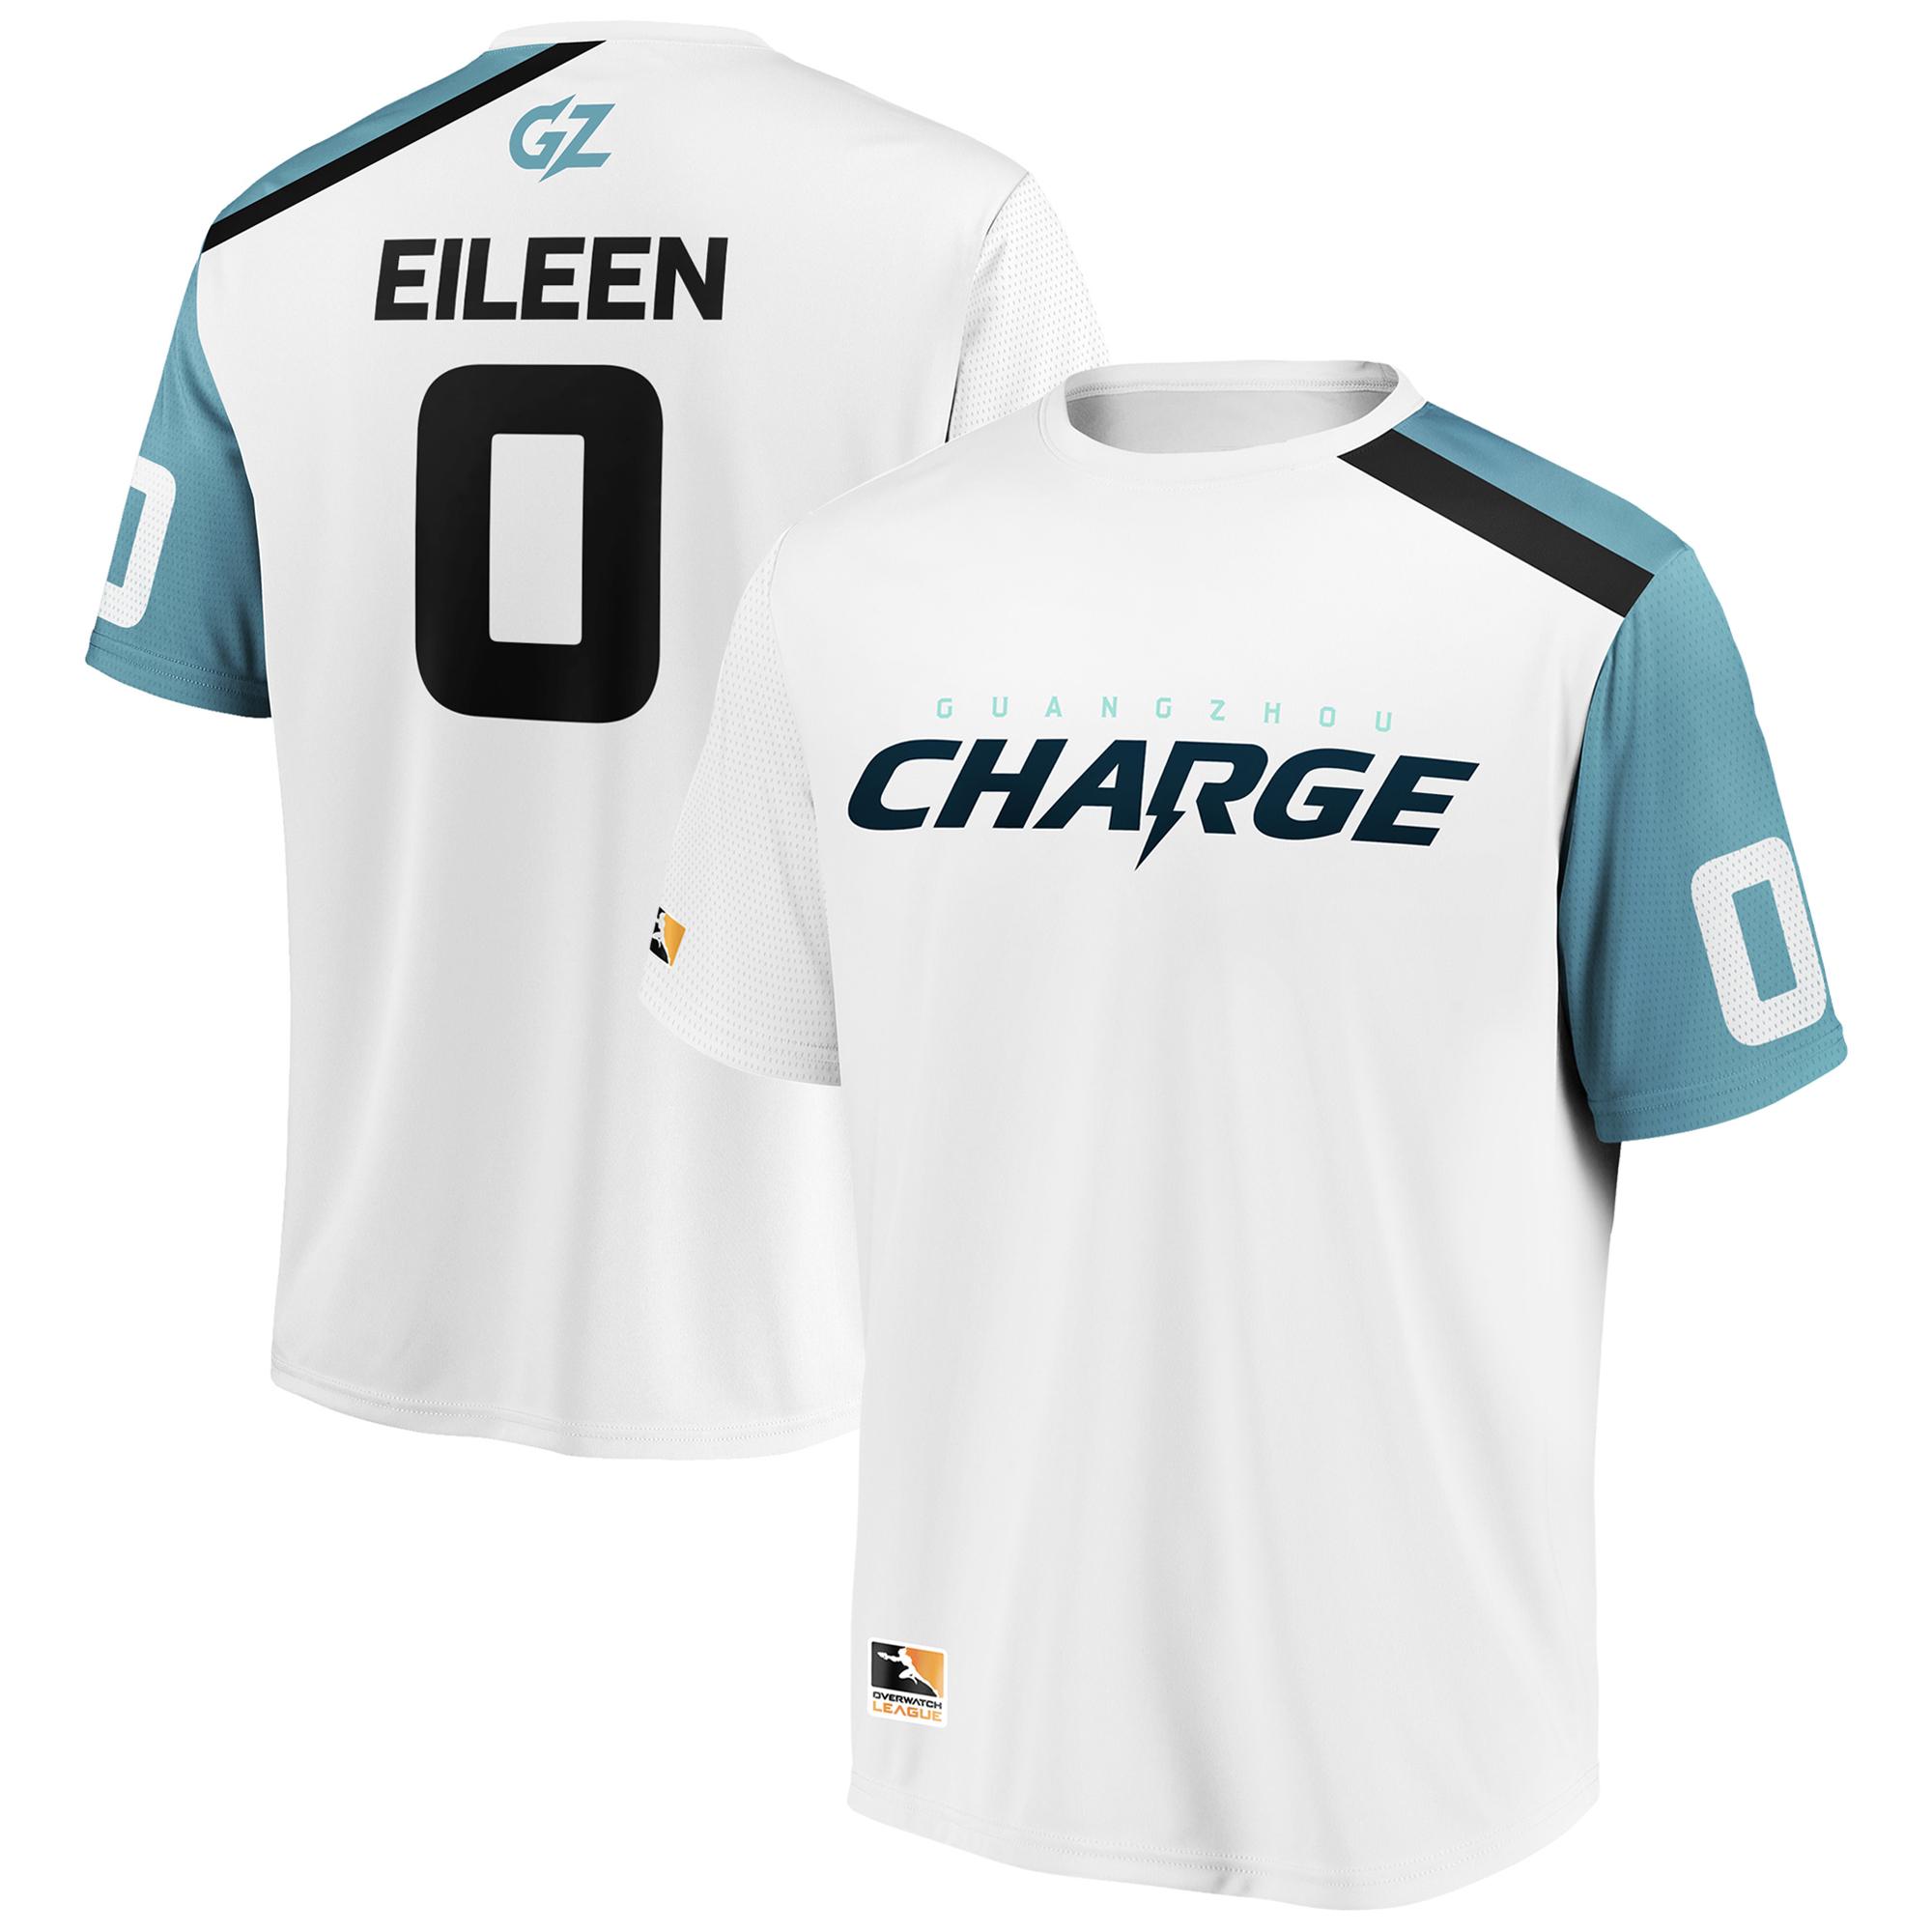 Eileen Guangzhou Charge Overwatch League Replica Away Jersey - White